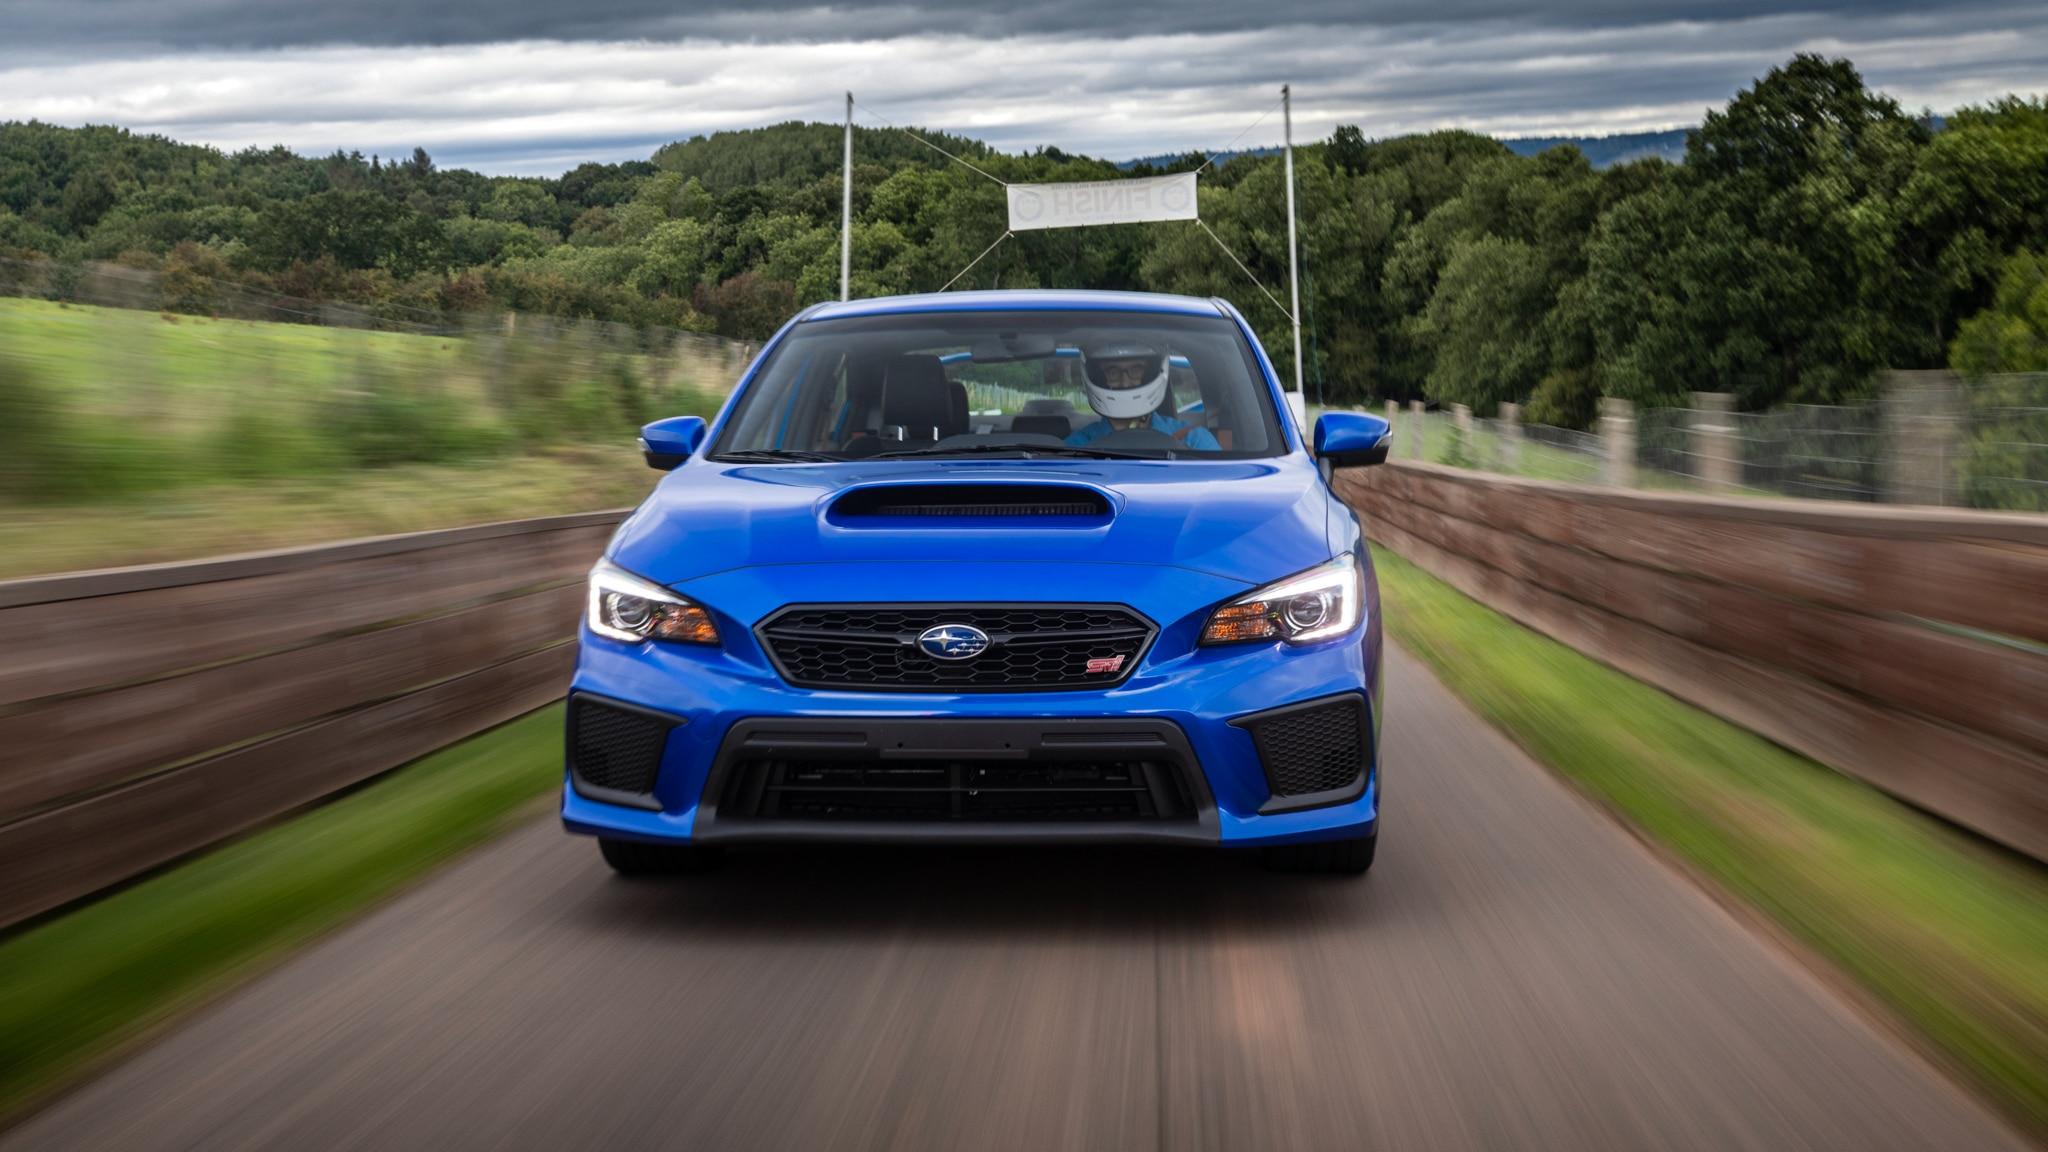 Chasing Prewar Ghosts and a Hillclimb Record in a 2019 Subaru WRX STI